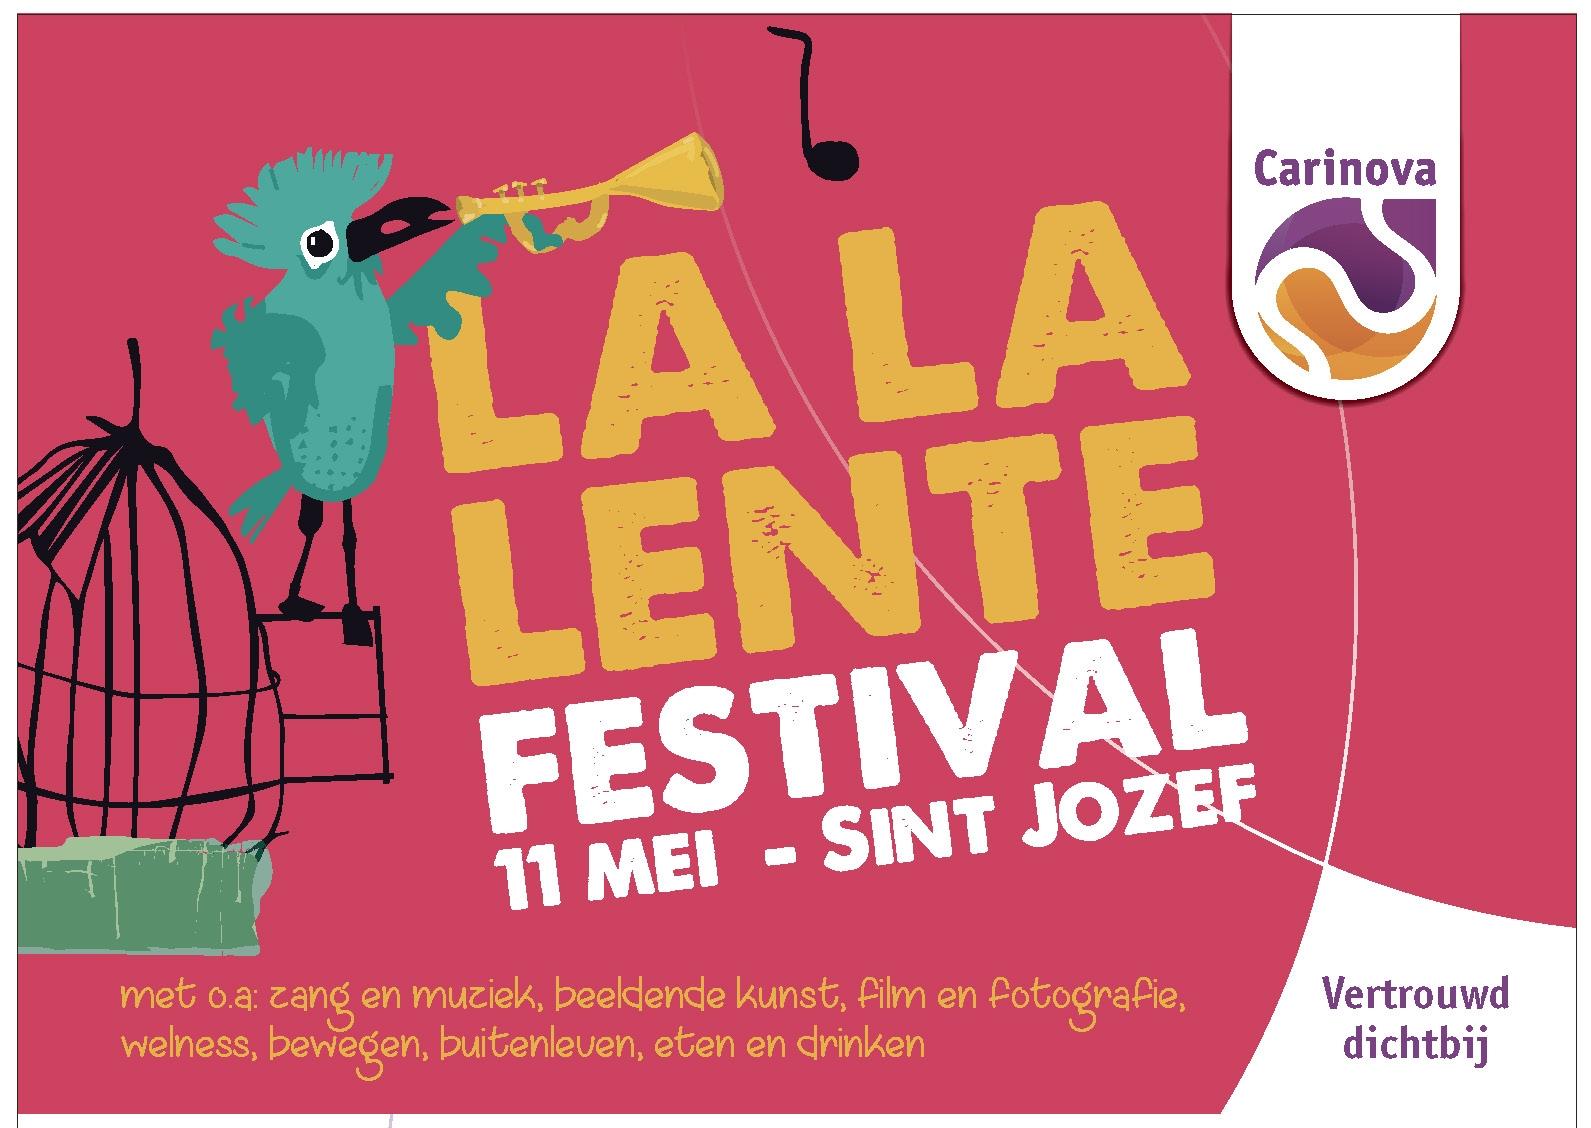 La La Lente Festival